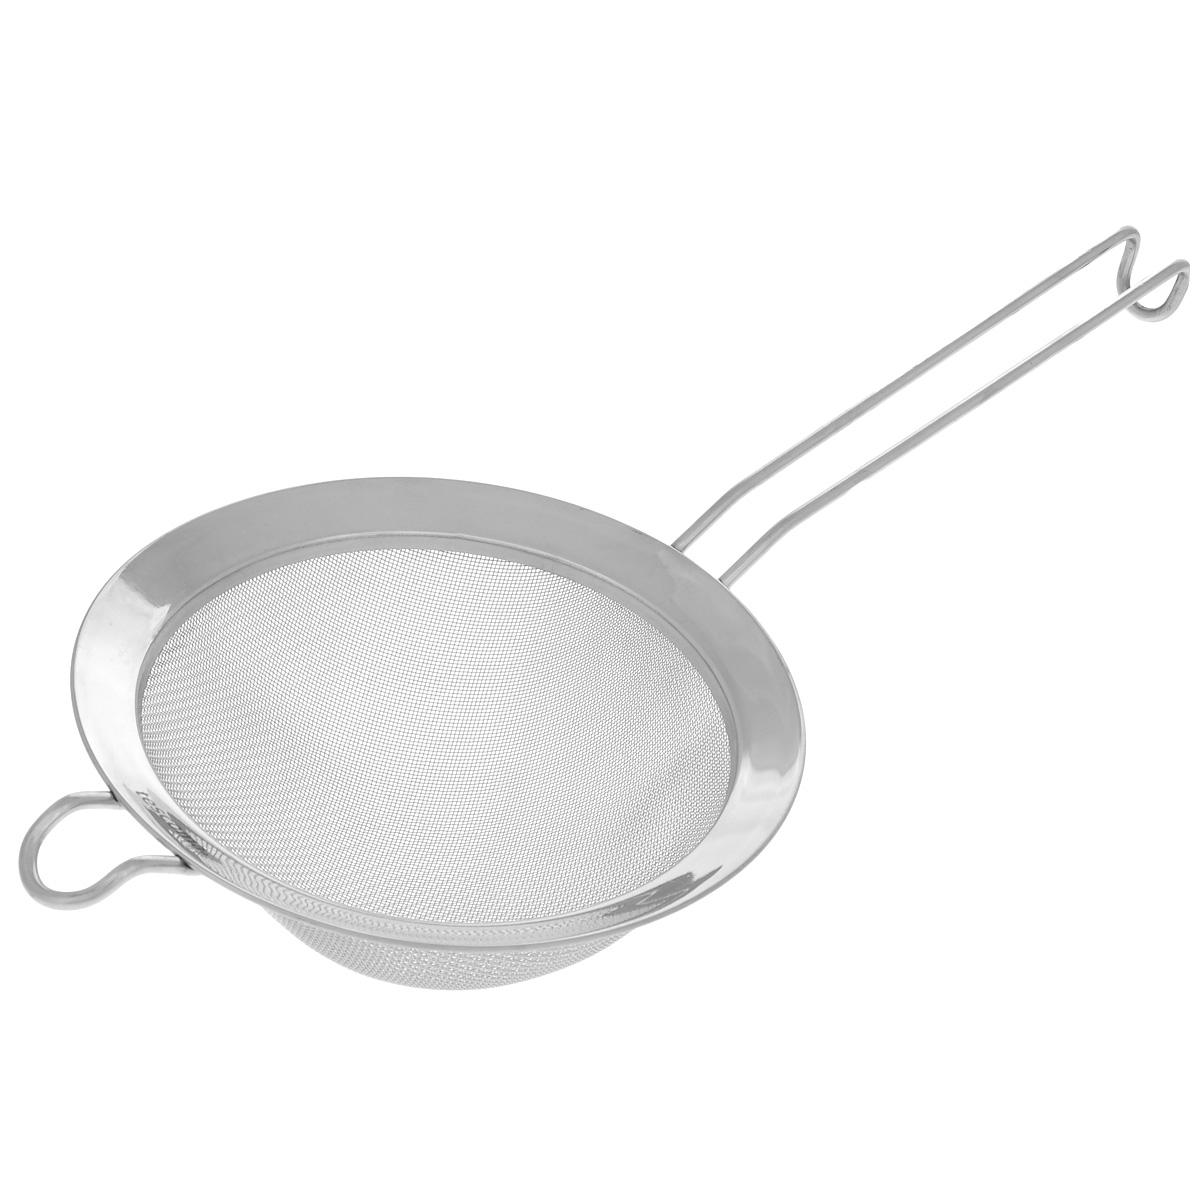 Сито Tescoma Chef, диаметр 20 см428054Сито Tescoma Chef, выполненное из высококачественной нержавеющей стали, станет незаменимым аксессуаром на вашей кухне. Удобная ручка-пруток не позволит выскользнуть изделию из вашей руки. Прочная стальная сетка и корпус обеспечивают изделию износостойкость и долговечность. Сито оснащено специальным ушком, за которое его можно подвесить в любом месте. Такое сито поможет вам процедить или просеять продукты и станет достойным дополнением к кухонному инвентарю. Можно мыть в посудомоечной машине.